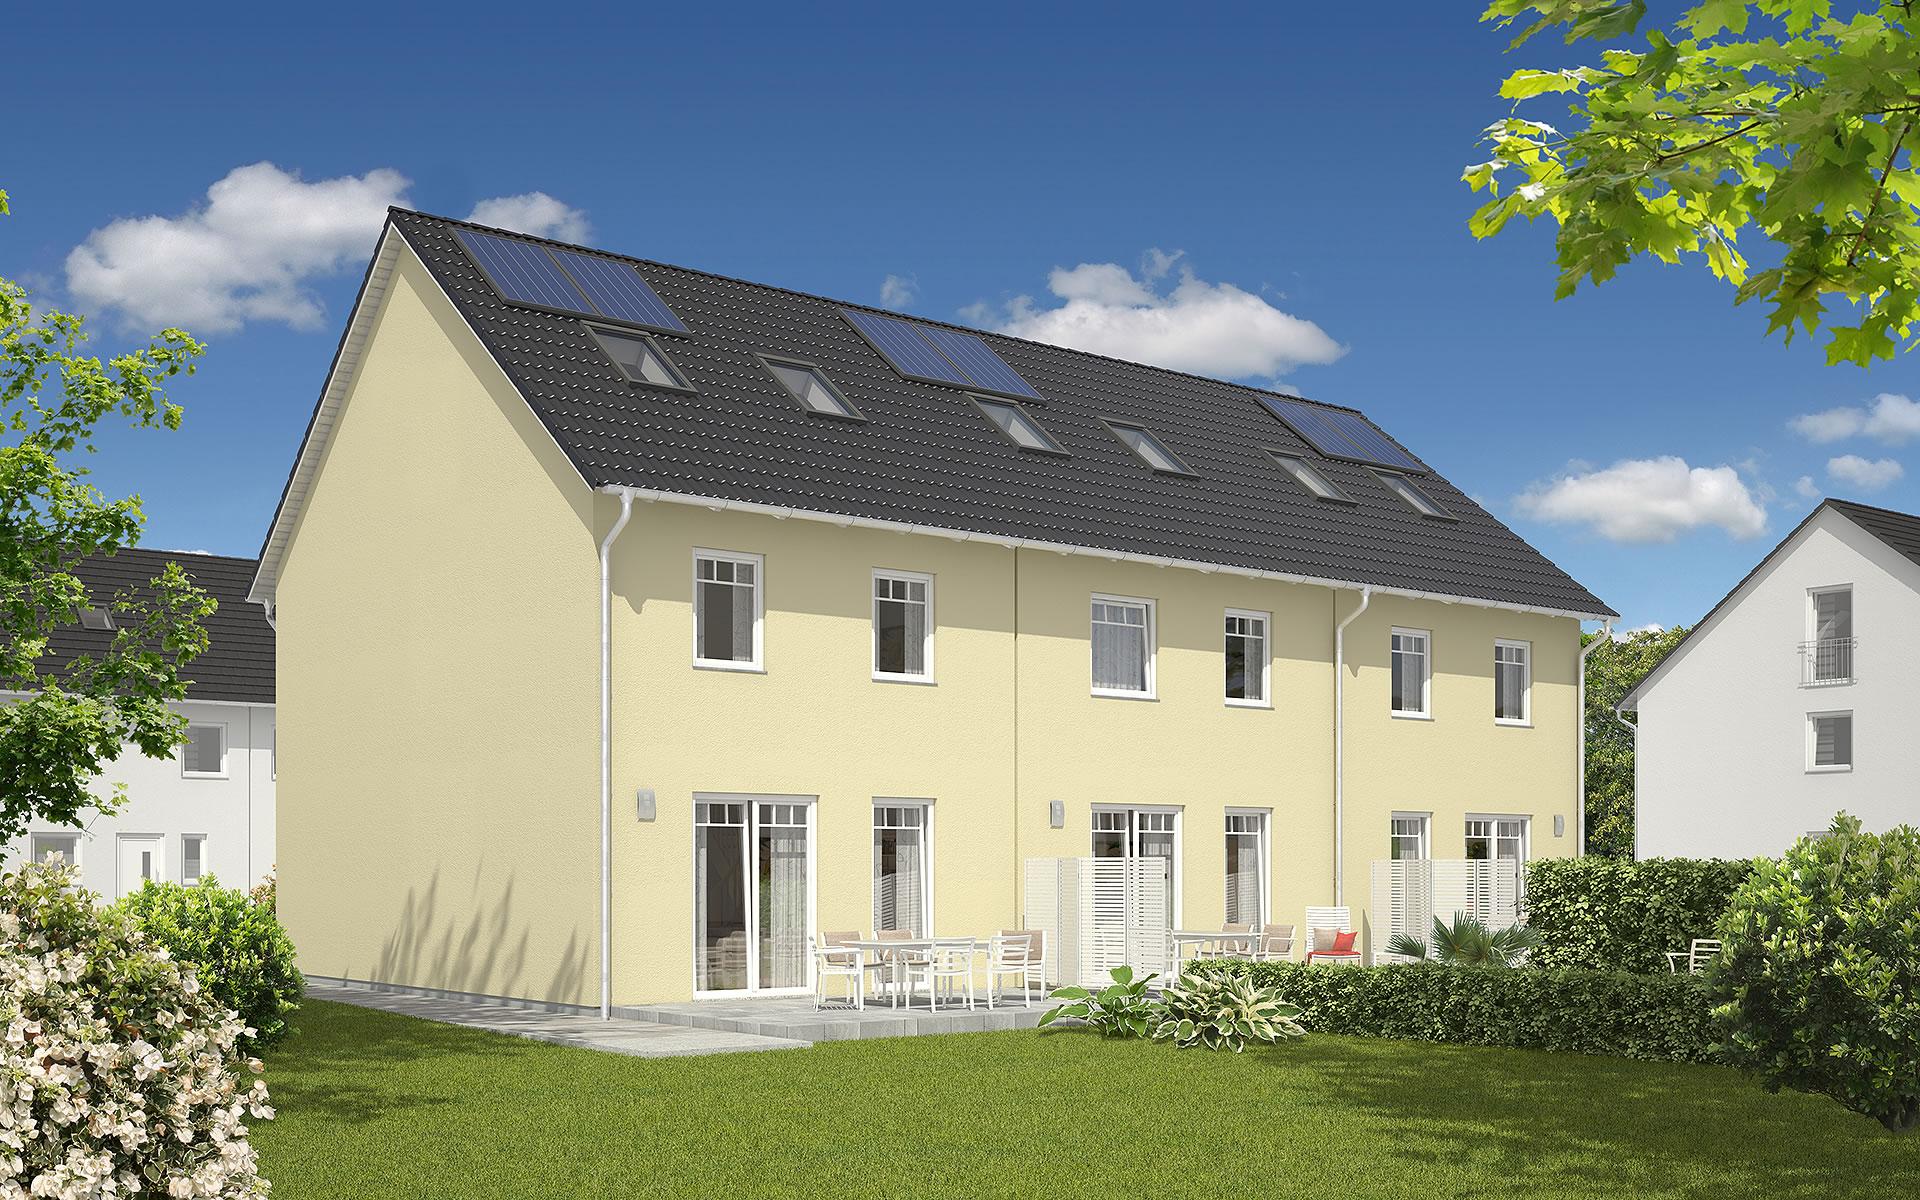 Reihenhaus Mainz 128 von Town & Country Haus Lizenzgeber GmbH